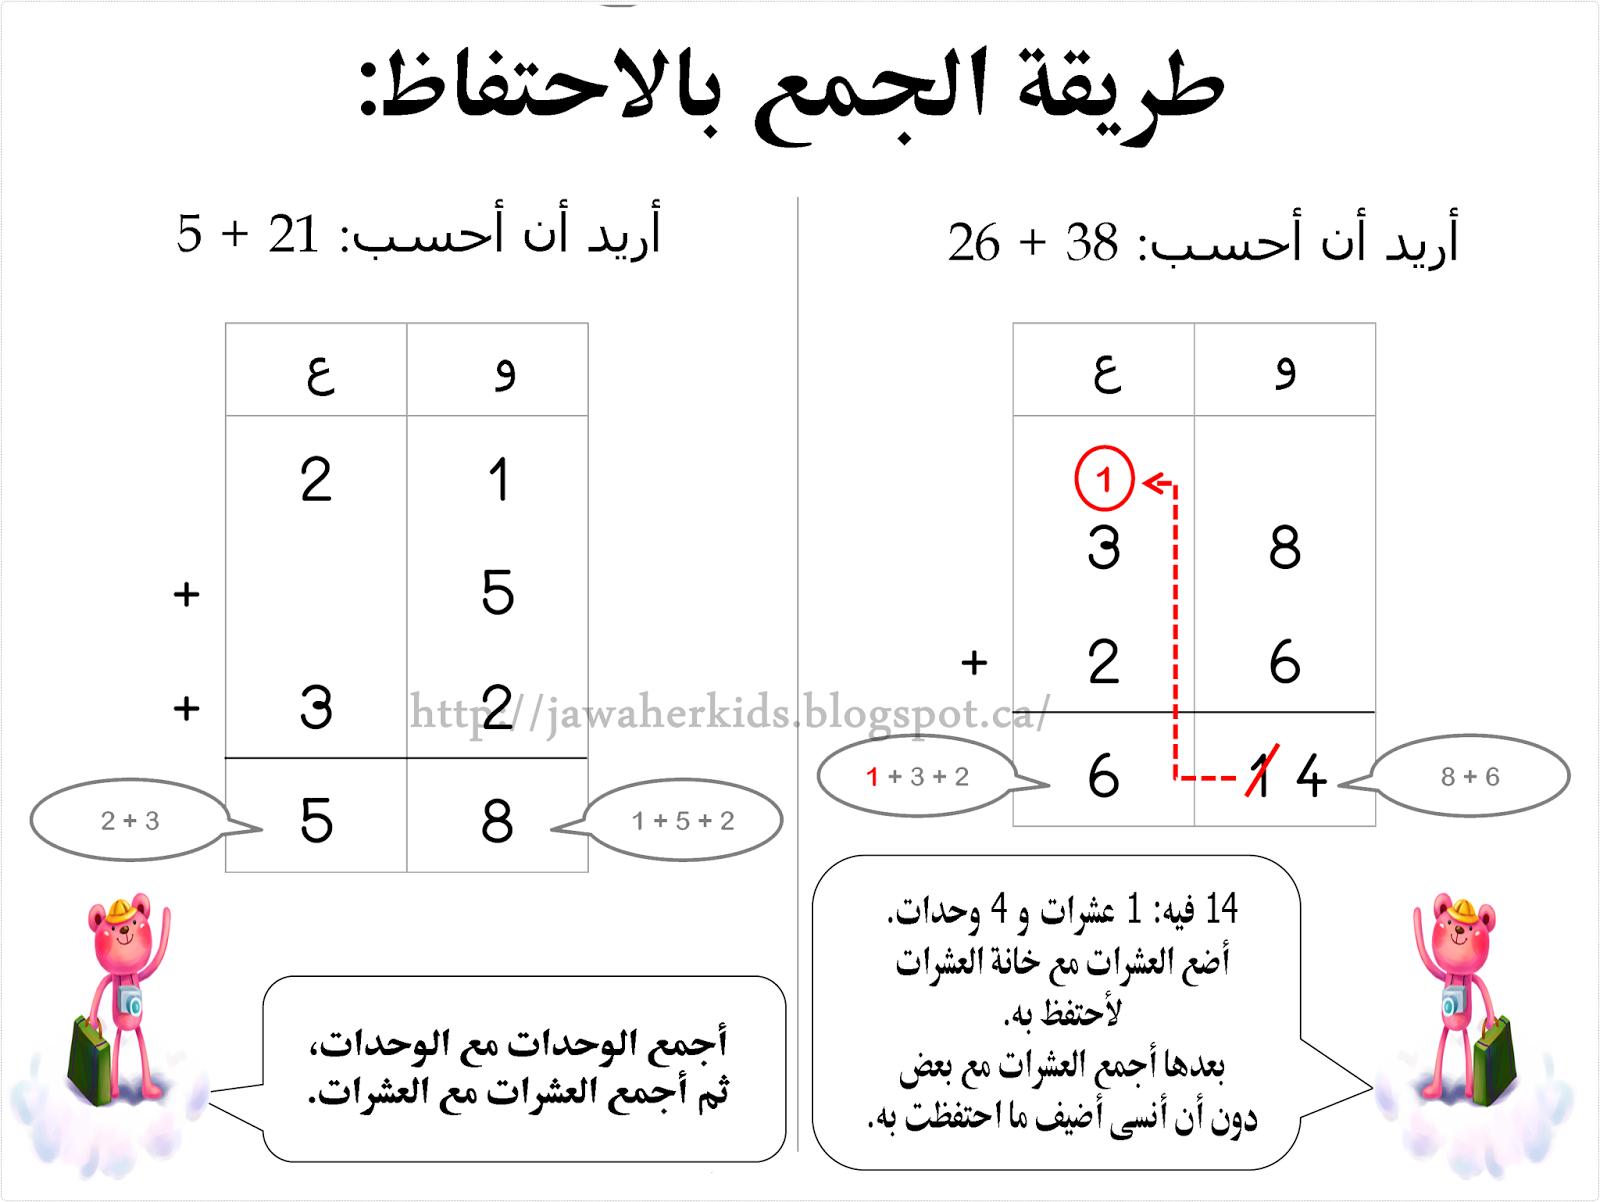 صور ما الفرق بين الرقم والعدد , تعرف على الفرق بين العدد والرقم